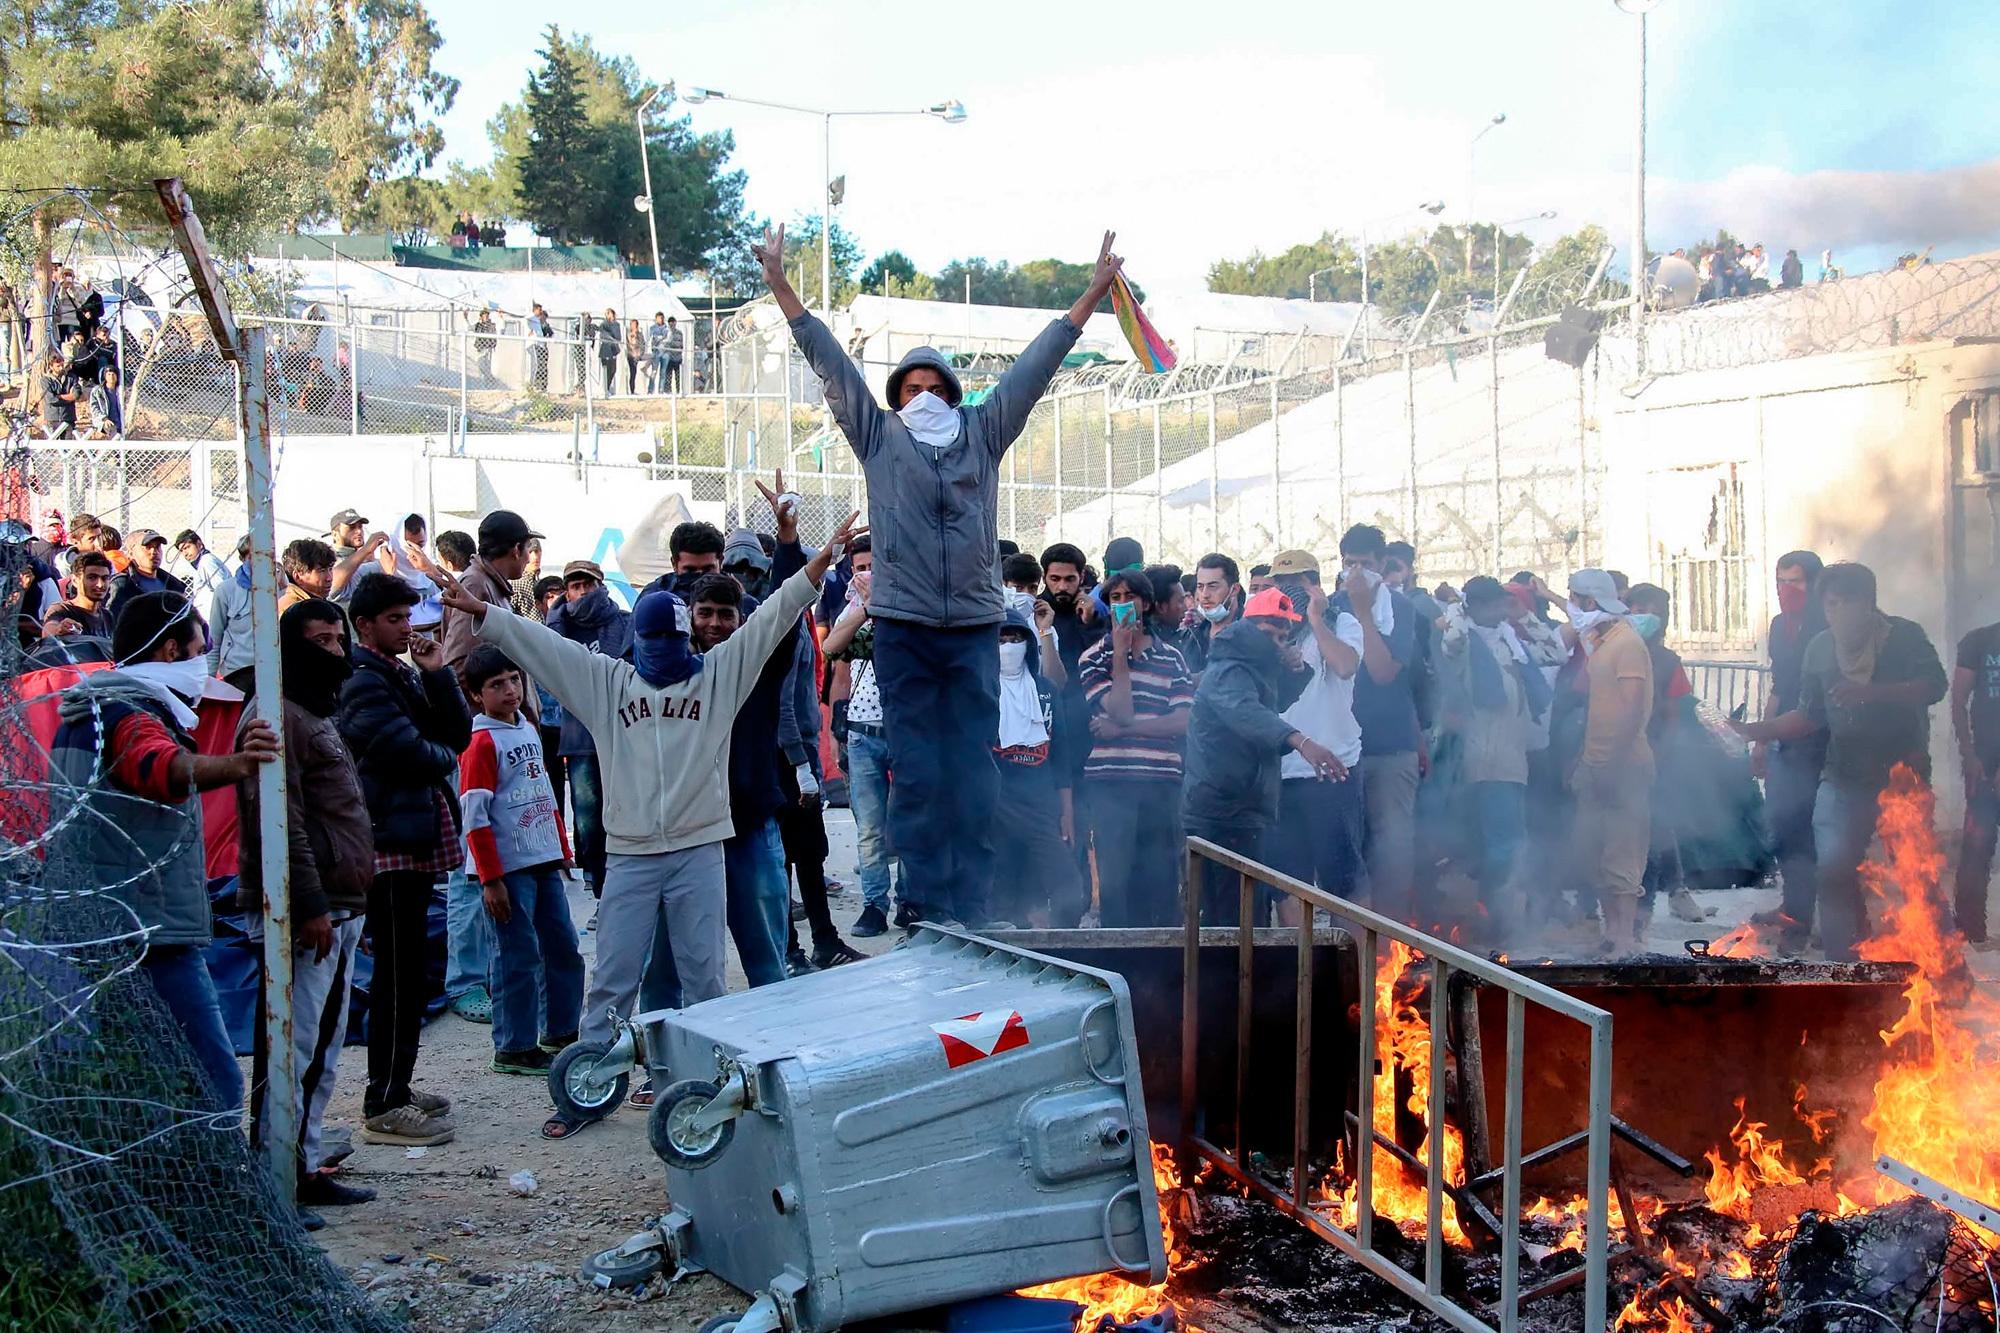 Una protesta dei profughi a Moria, il 26 aprile 2016. (Petros Tsakmakis, InTime News/Ap/Ansa). via Internazionale